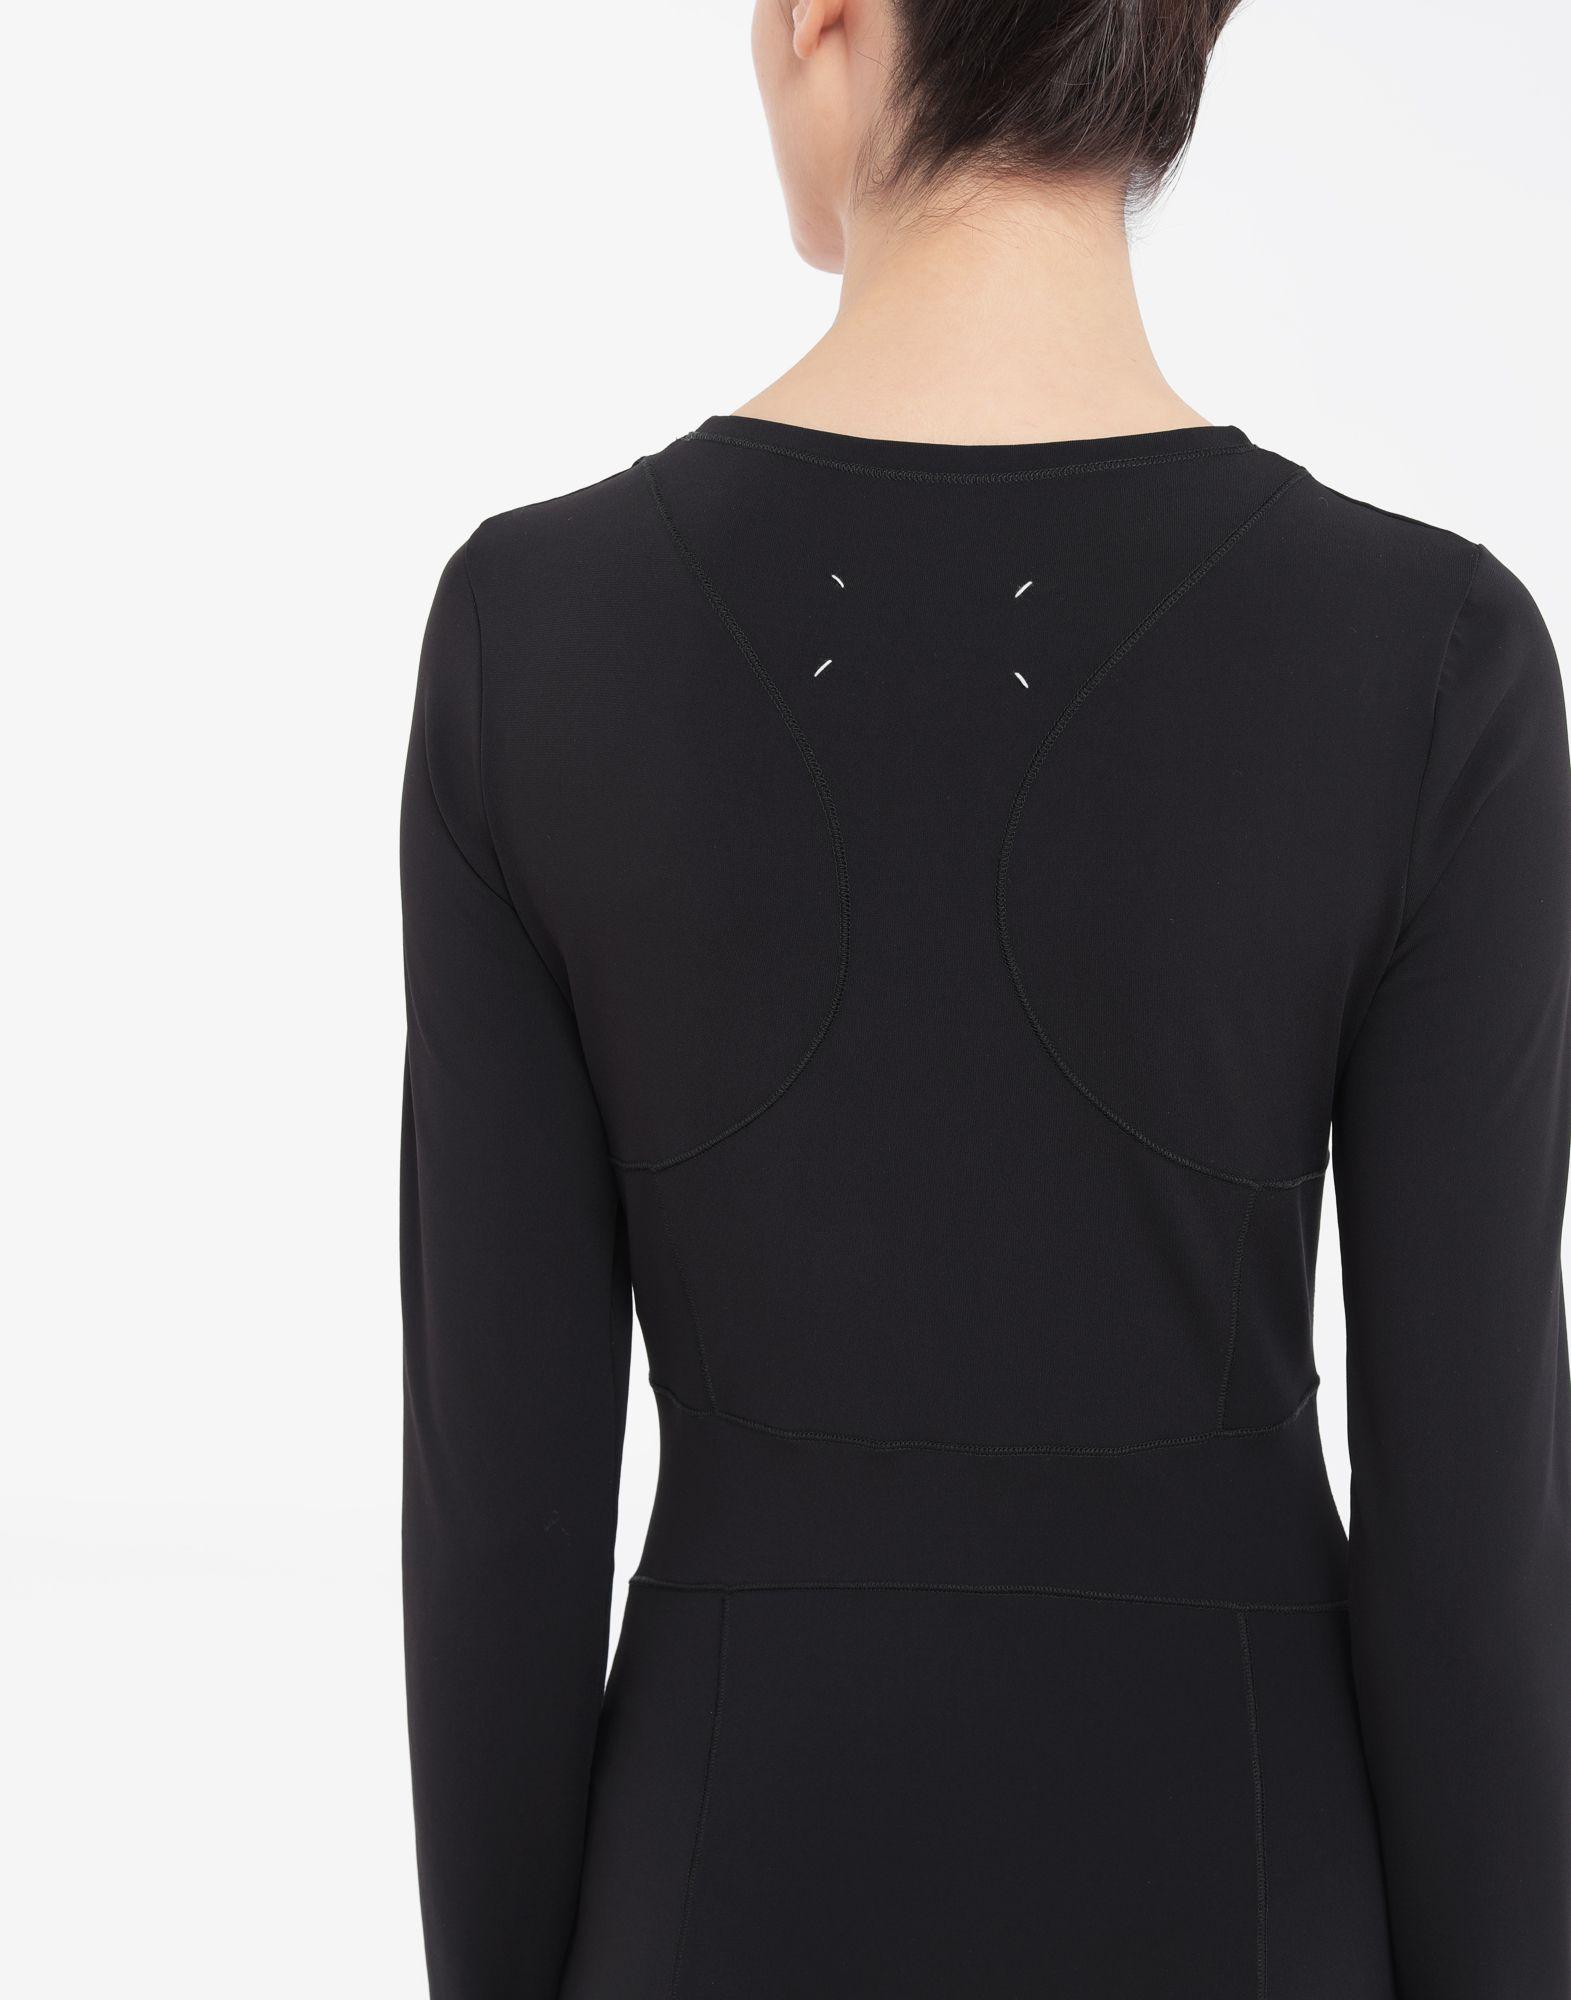 MAISON MARGIELA Stitch-jacquard jersey knit dress 3/4 length dress Woman b